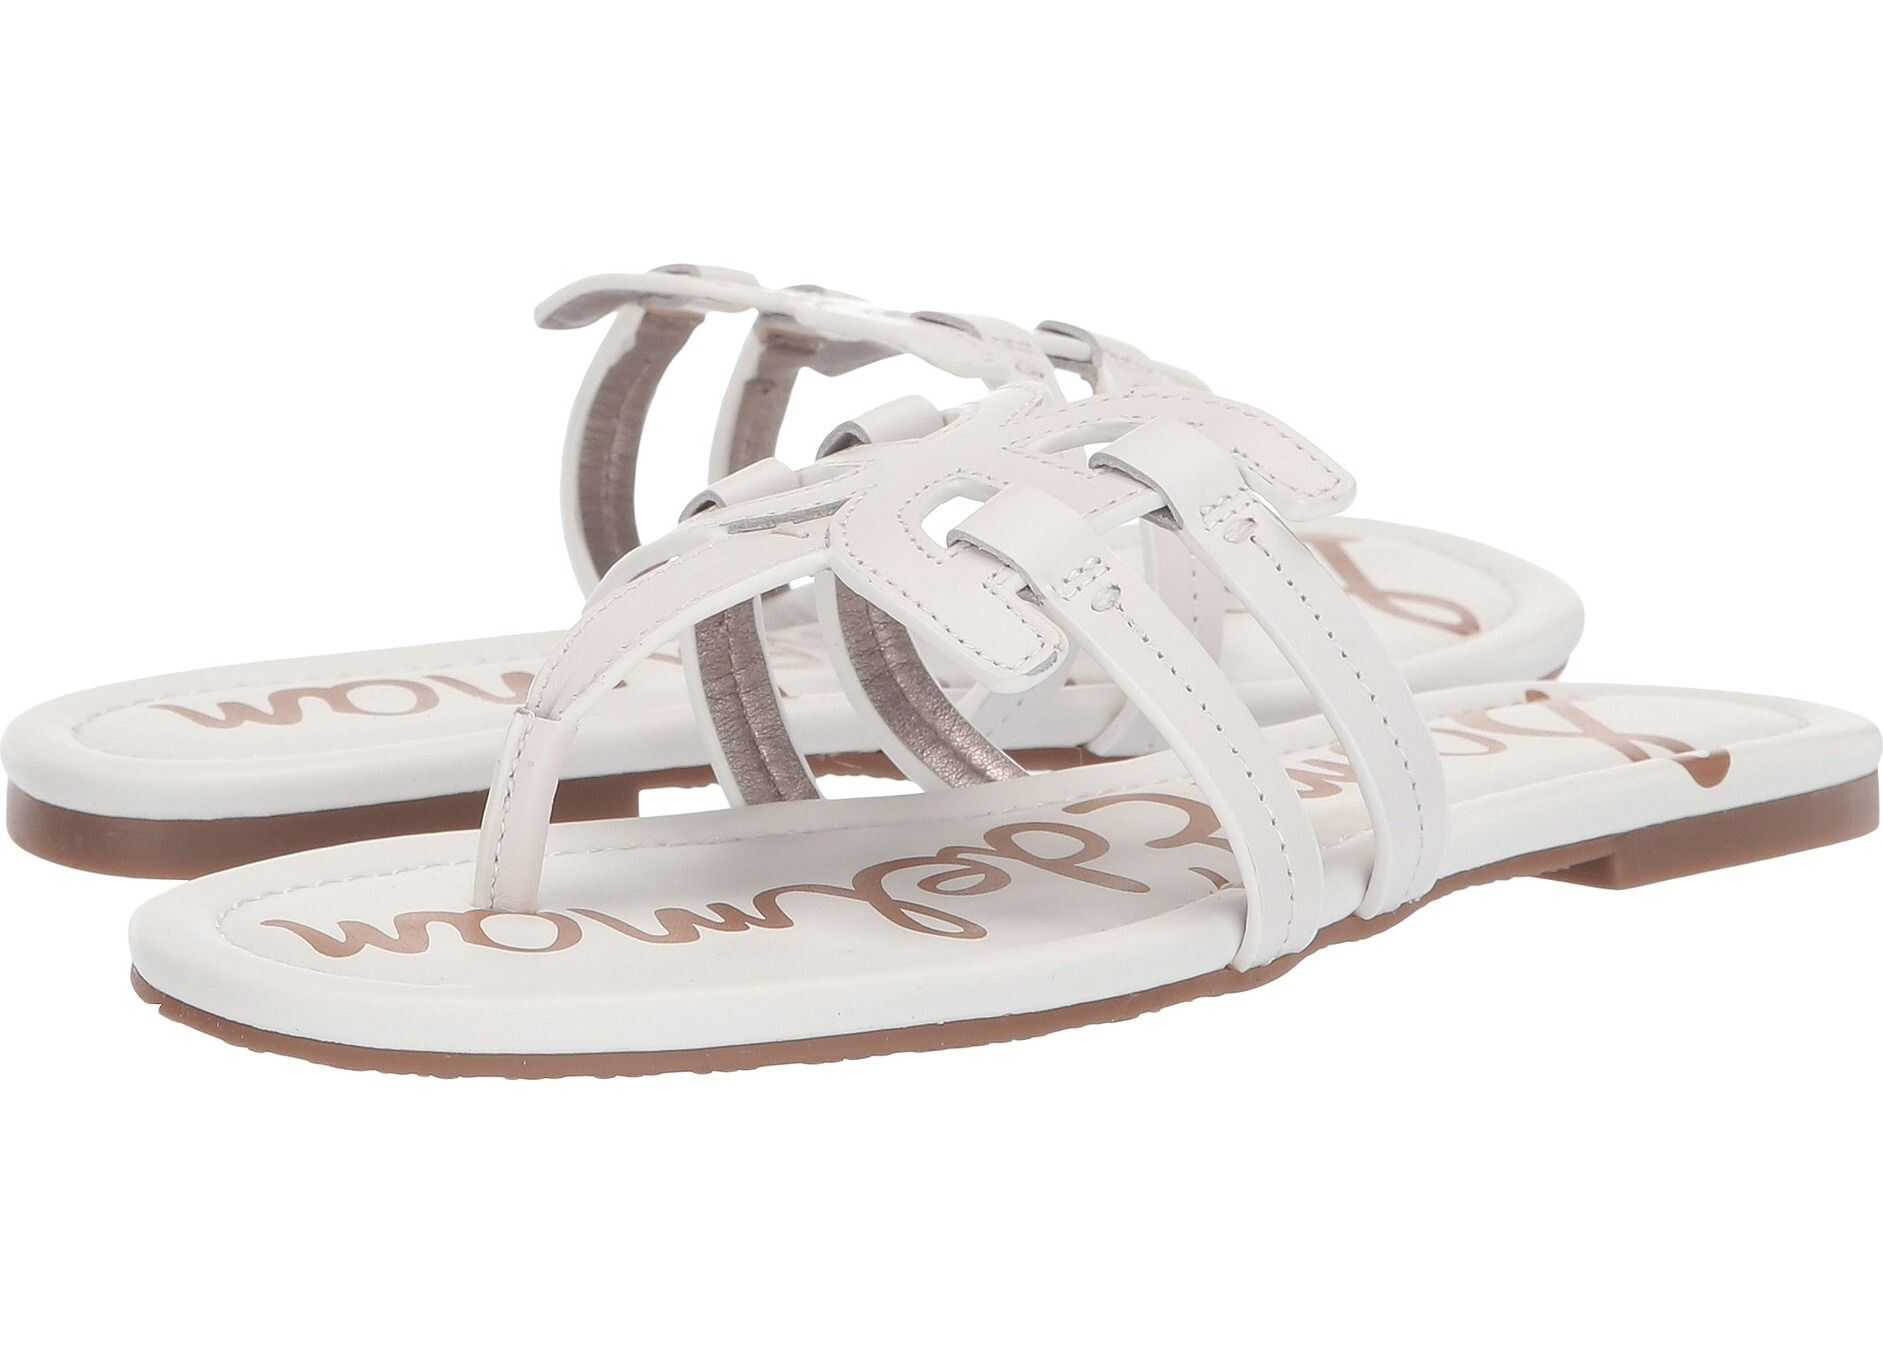 Sam Edelman Cara Bright White Atanado Leather